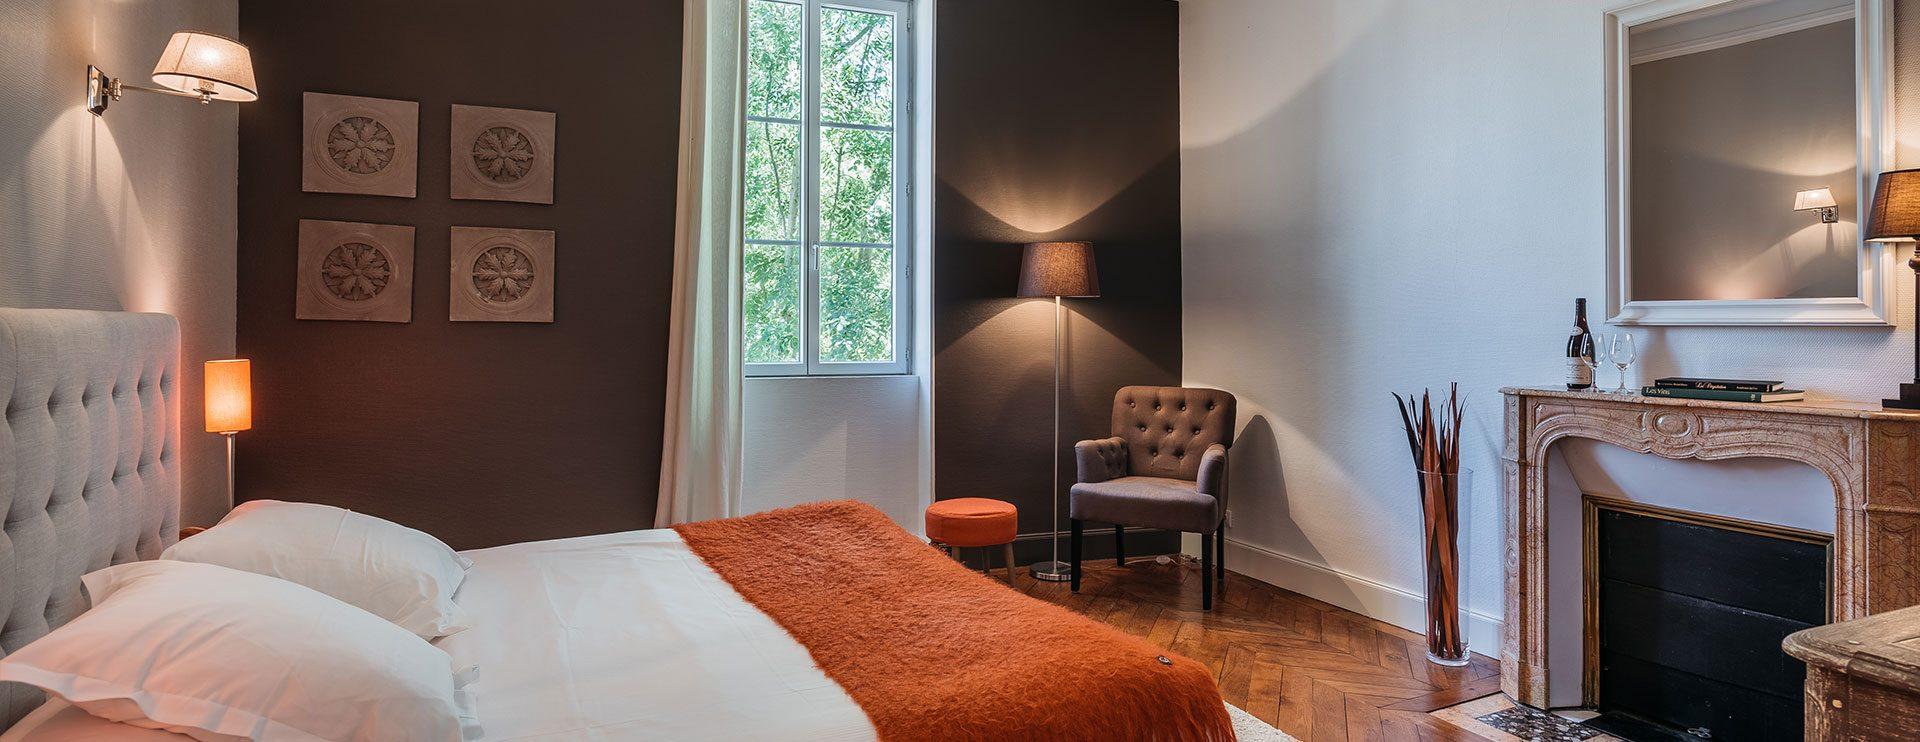 Chambre hôtel supérieure à Pommard